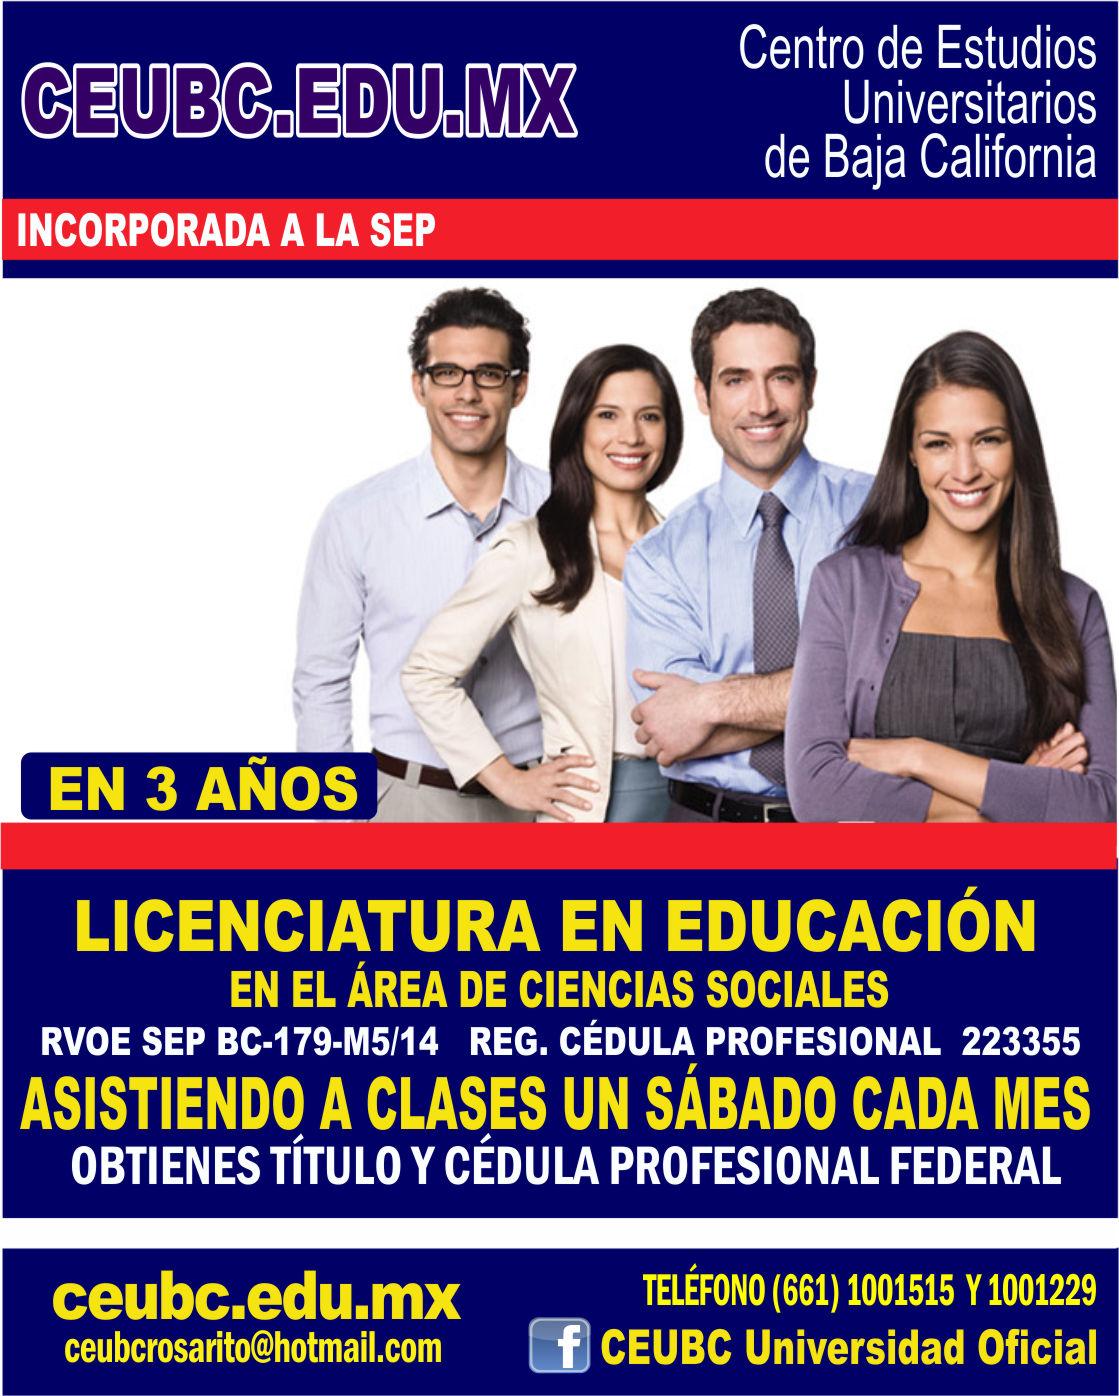 RVOE oficial: Lic. en Educación en el Área de Ciencias Sociales